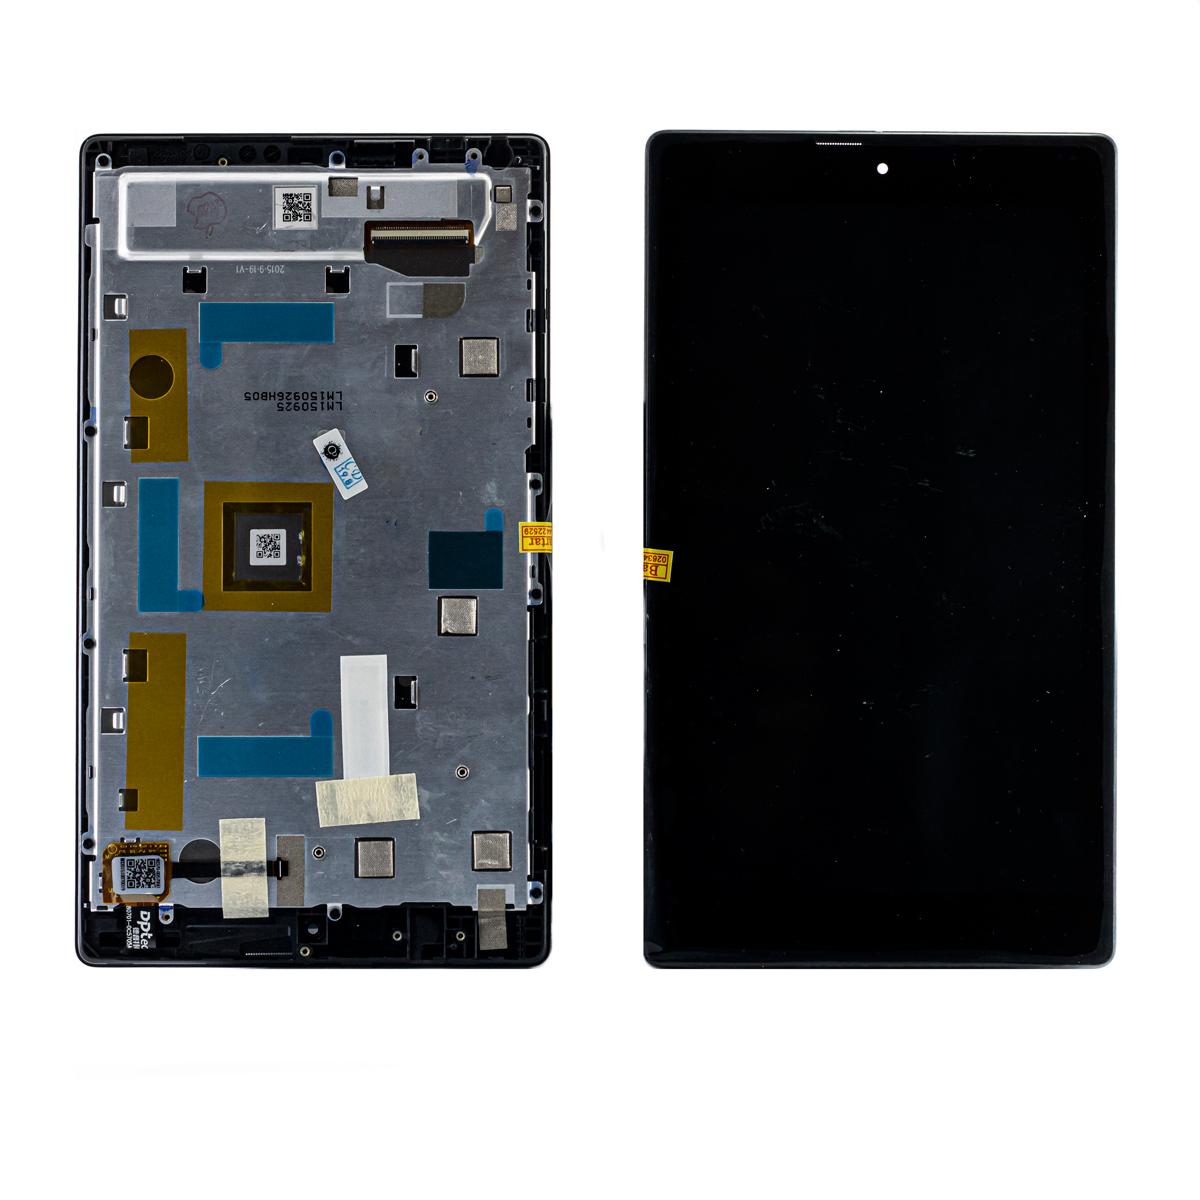 ال سی دی ایسوز LCD ASUS Z170 MG